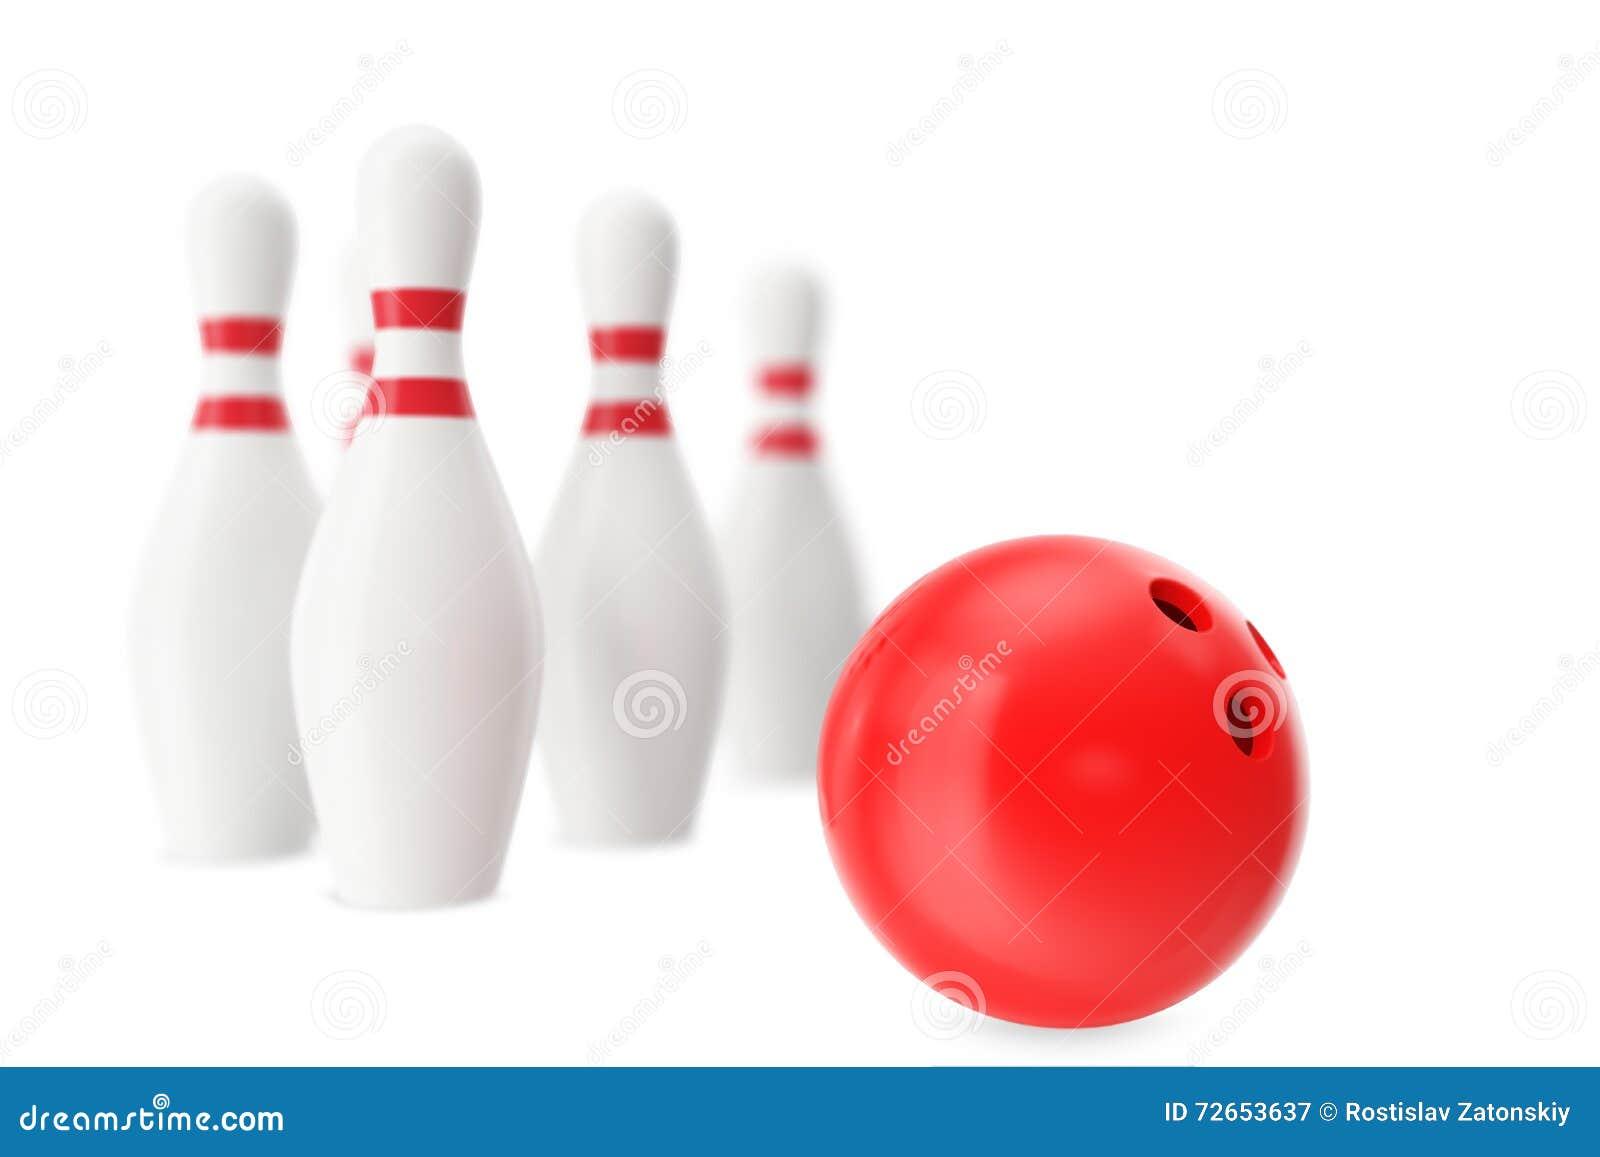 Boule de bowling rouge dans le premier plan avec un effet de tache floue illustration 3d - Arbuste avec boule rouge ...